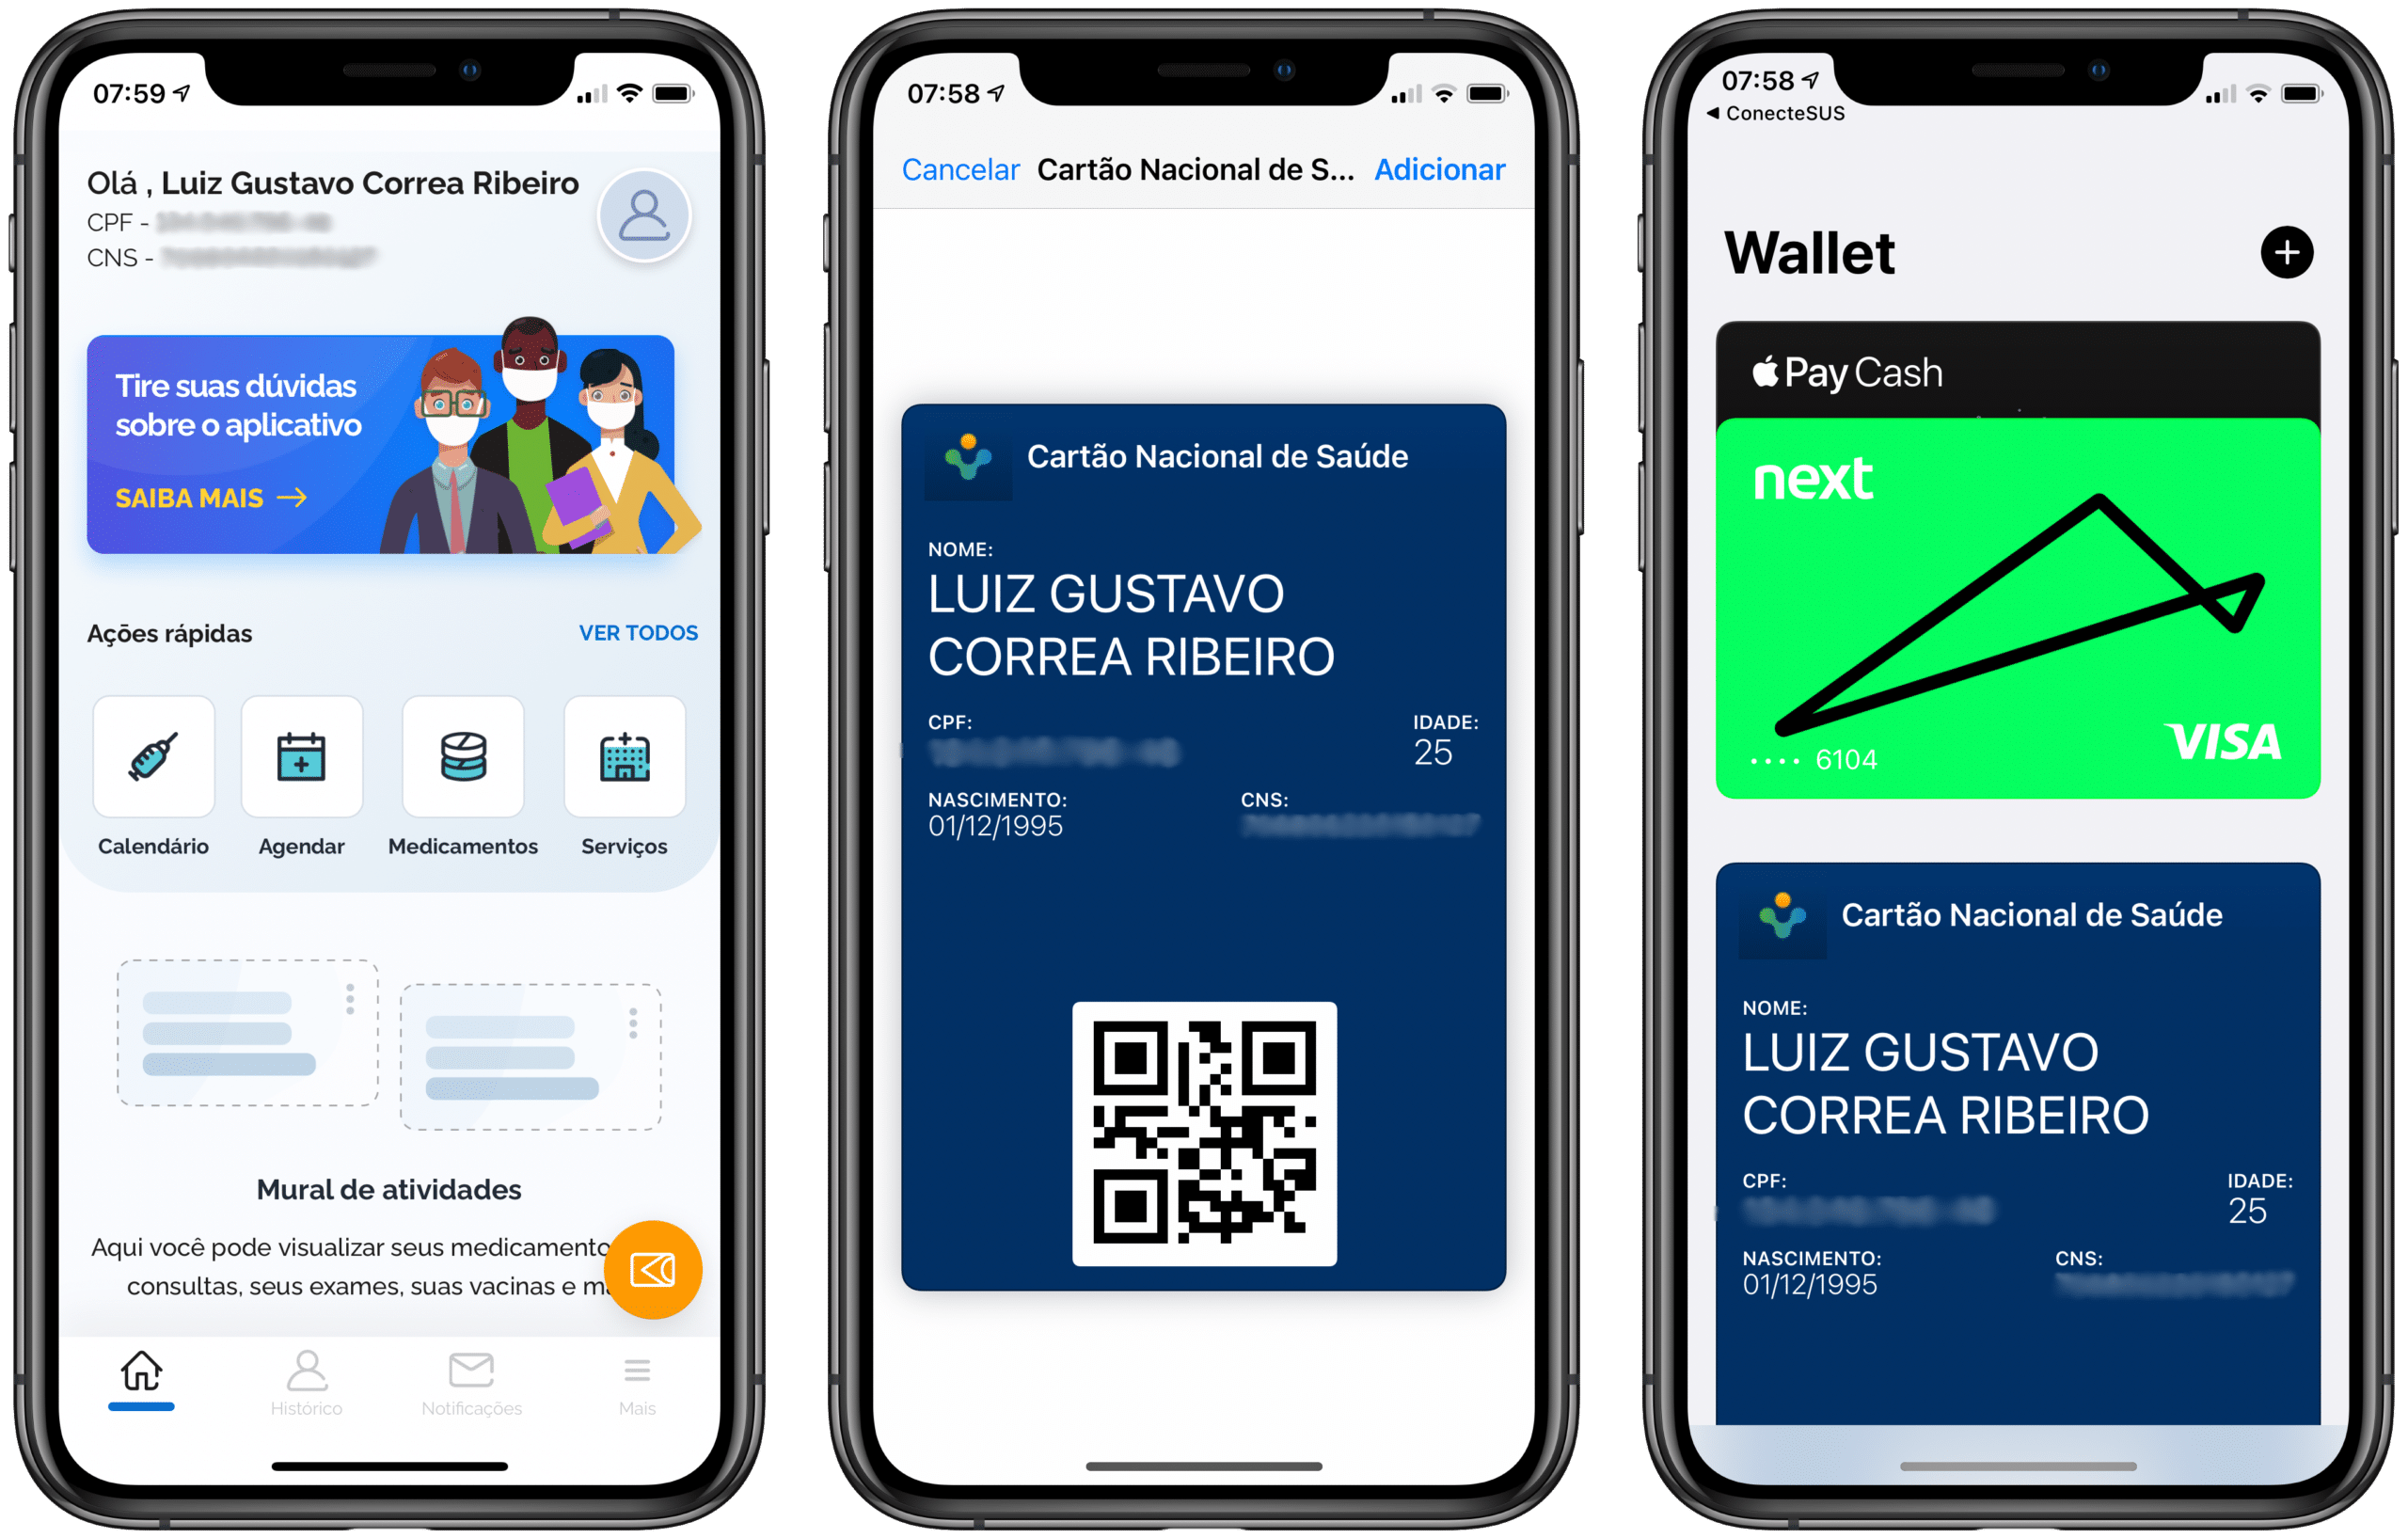 Cartão Nacional de Saúde no app Wallet